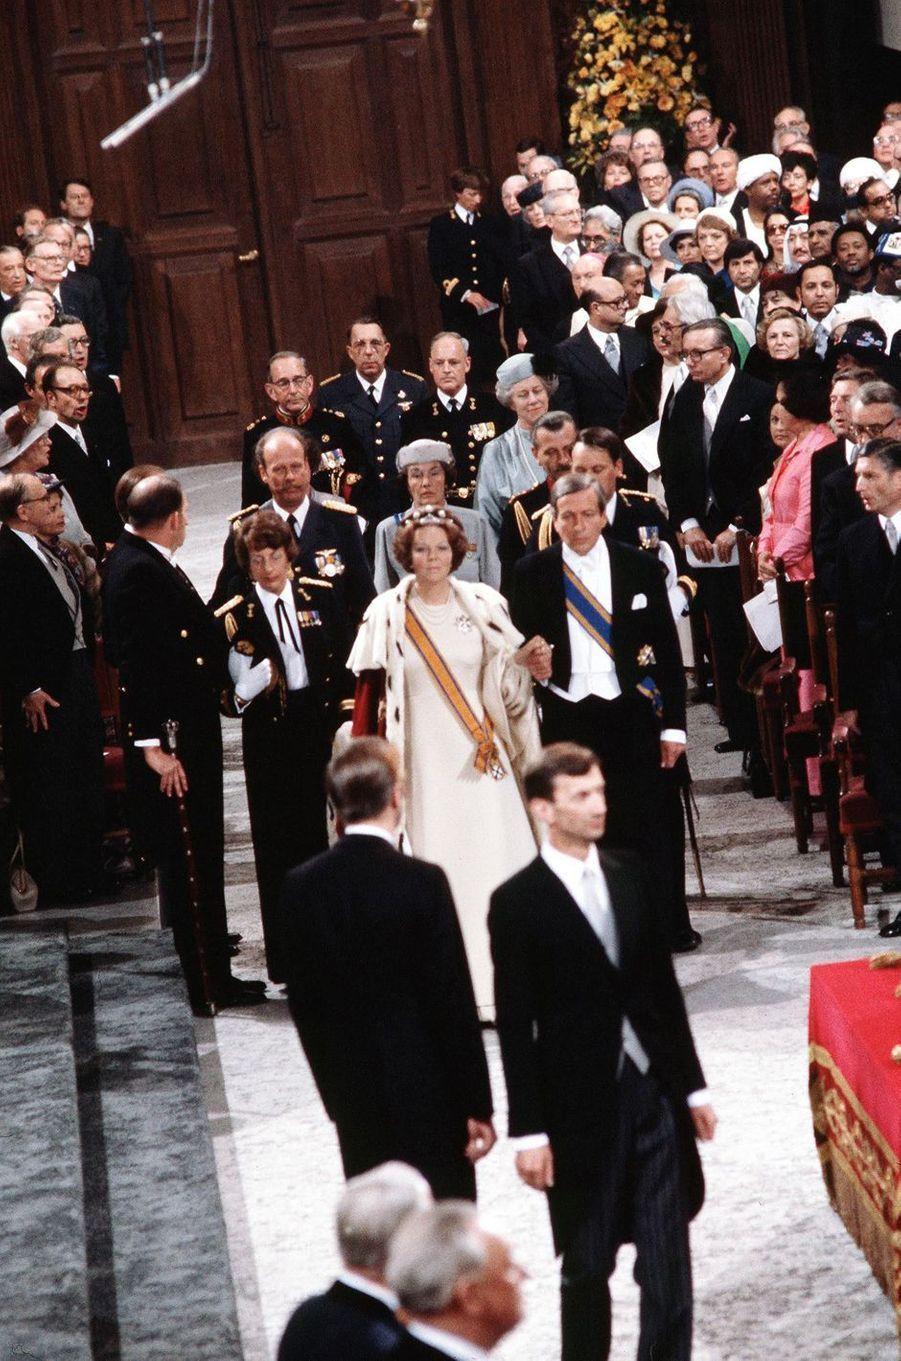 La reine Beatrix des Pays-Bas avec son mari le prince consort Claus, lors de son intronisation à Amsterdam le 30 avril 1980